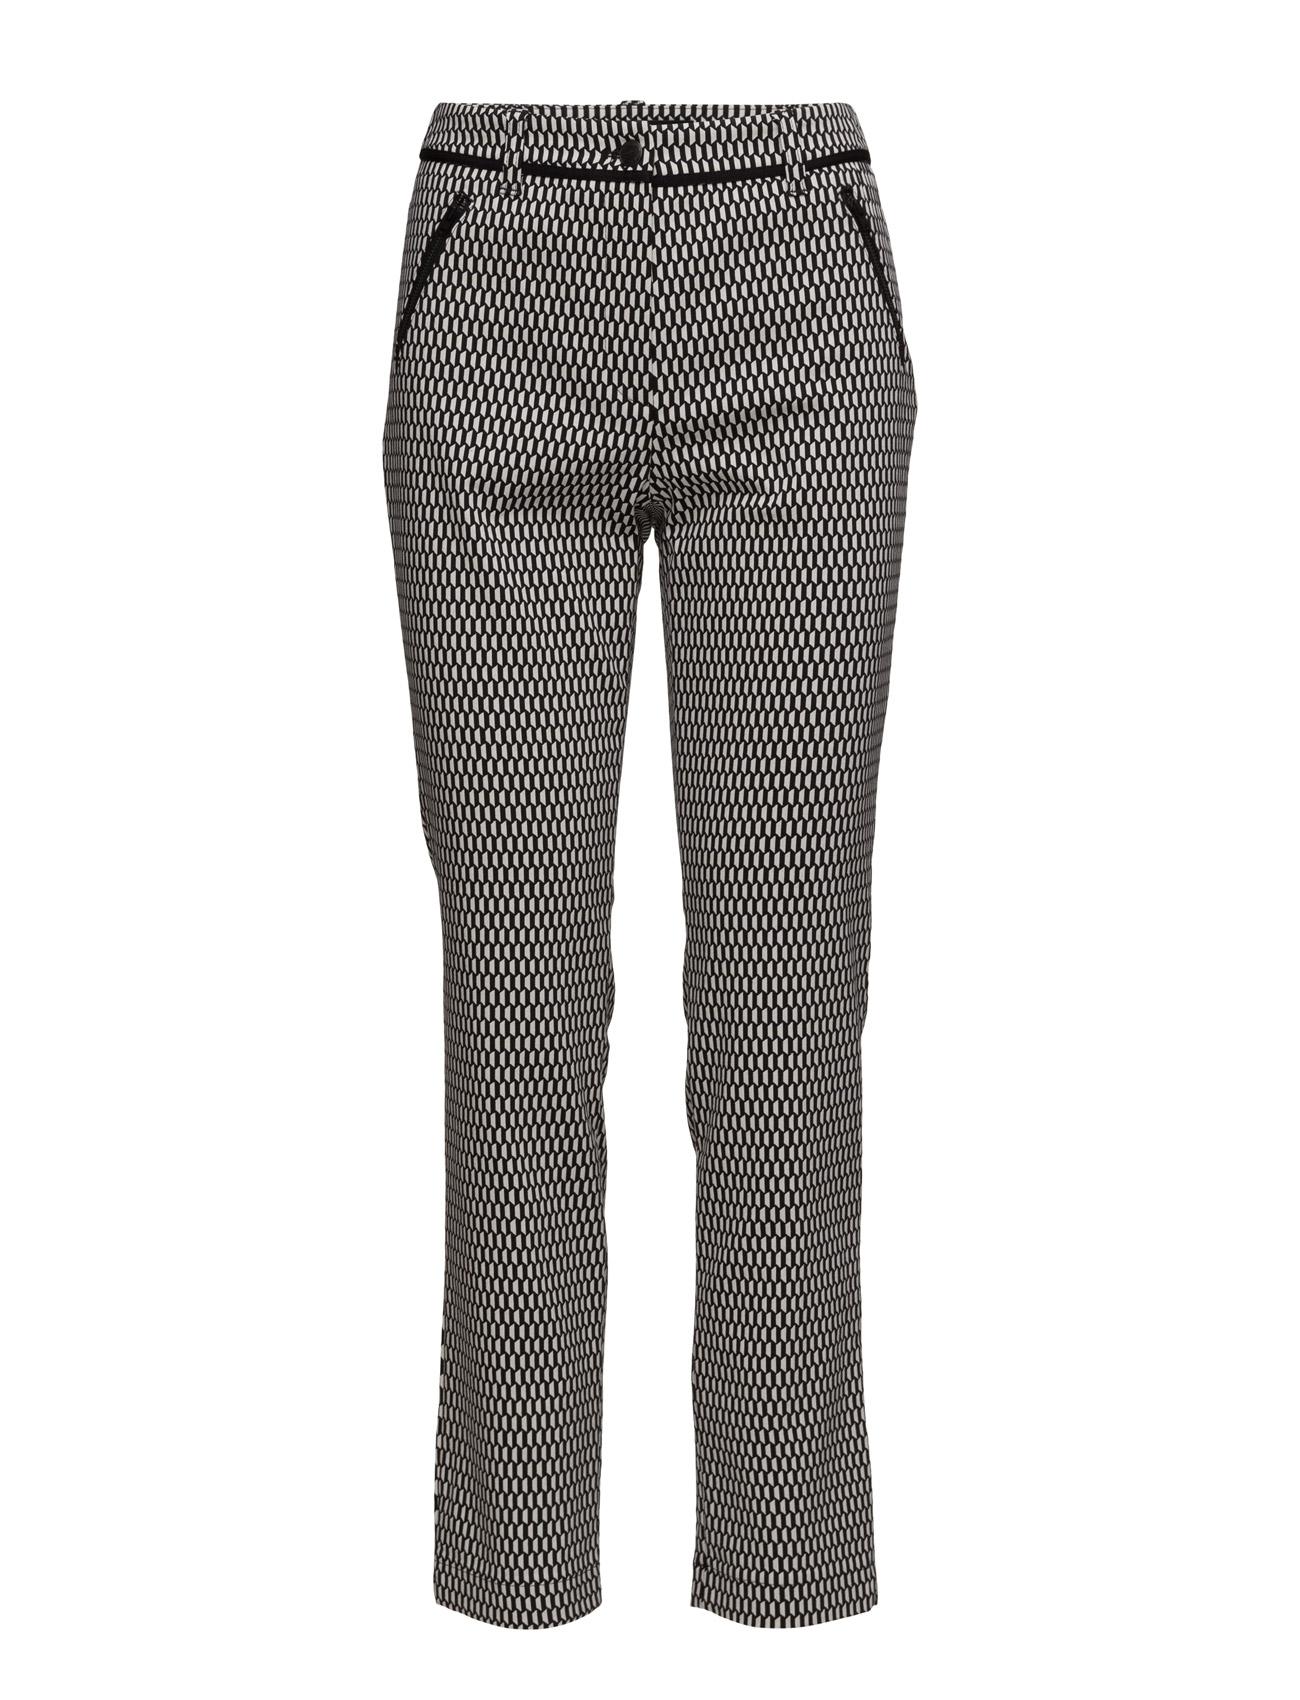 Crop Leisure Trouser Gerry Weber Edition Bukser til Kvinder i Sort